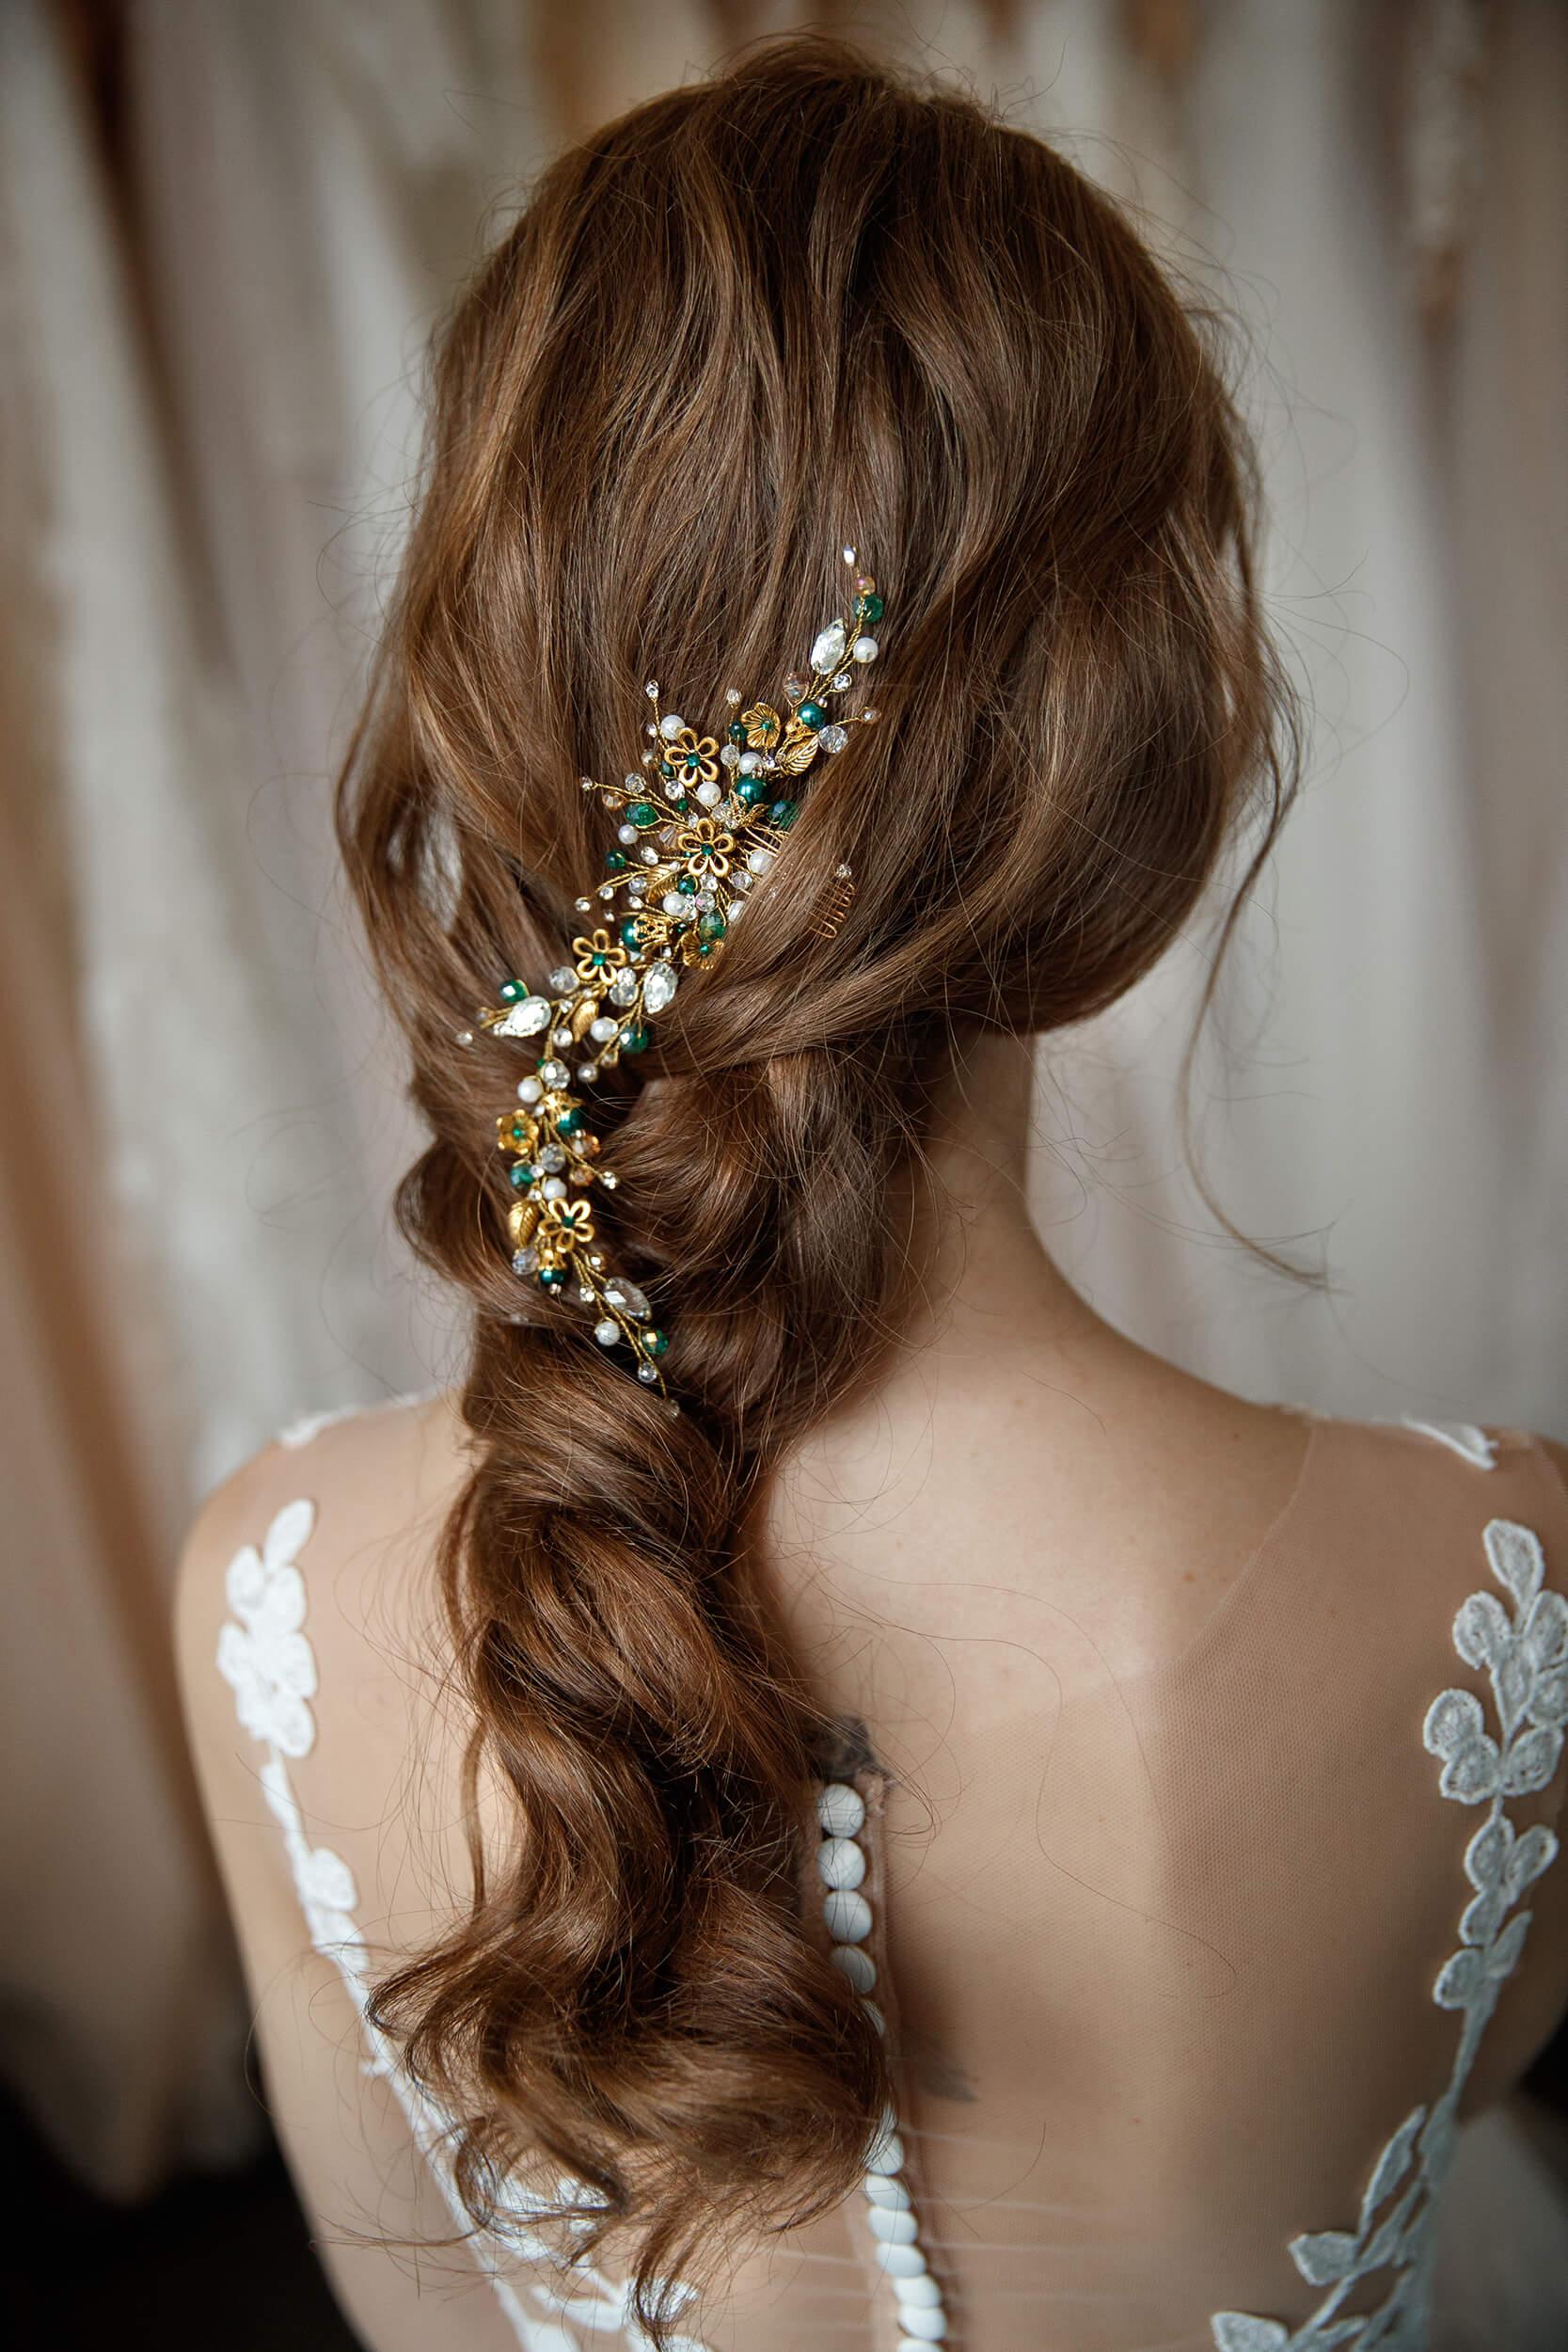 украшение для волос из бусин | Vero